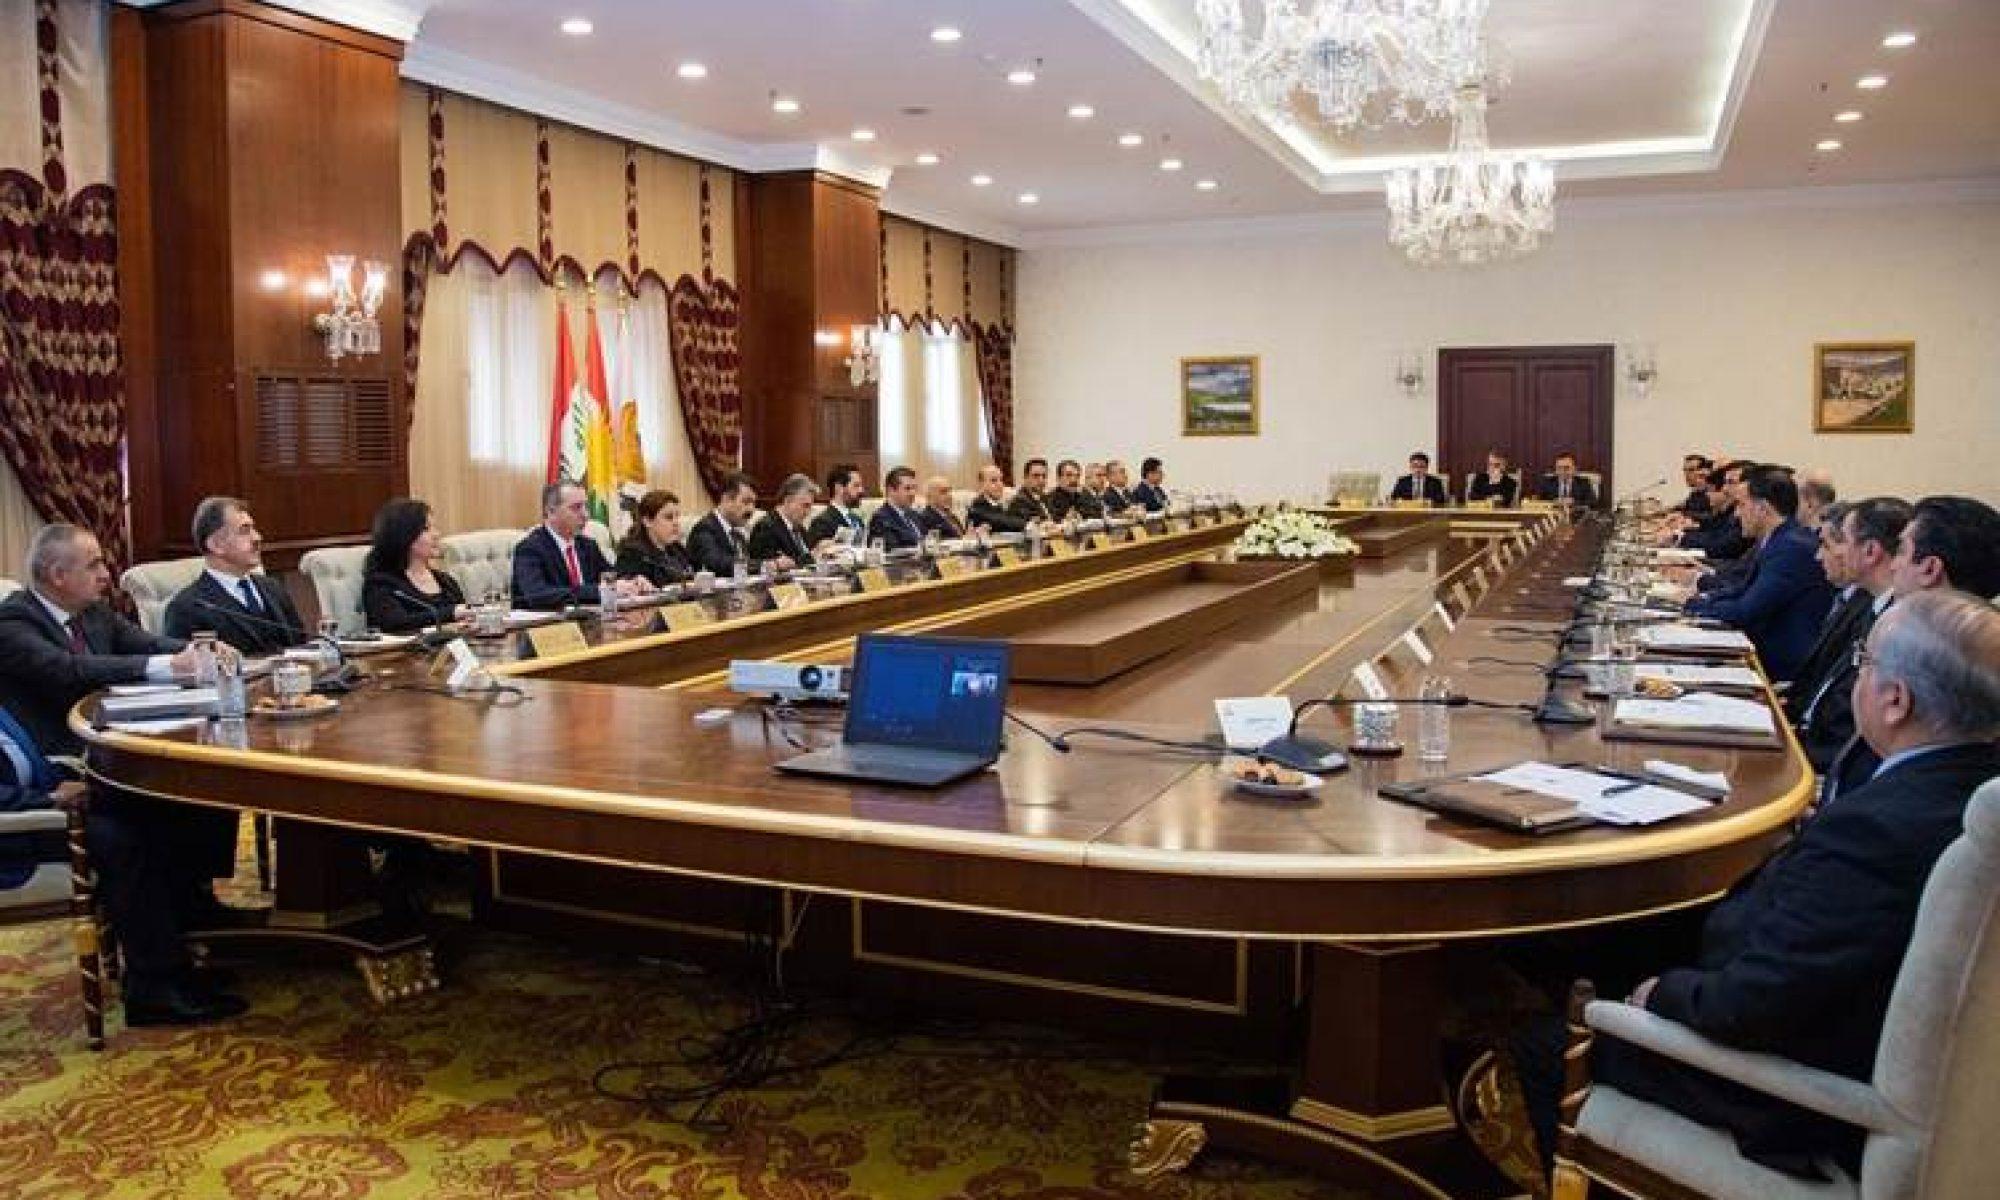 Kürdistan Bölgesi hükümeti koronavirüse karşı alınan kararları açıkladı